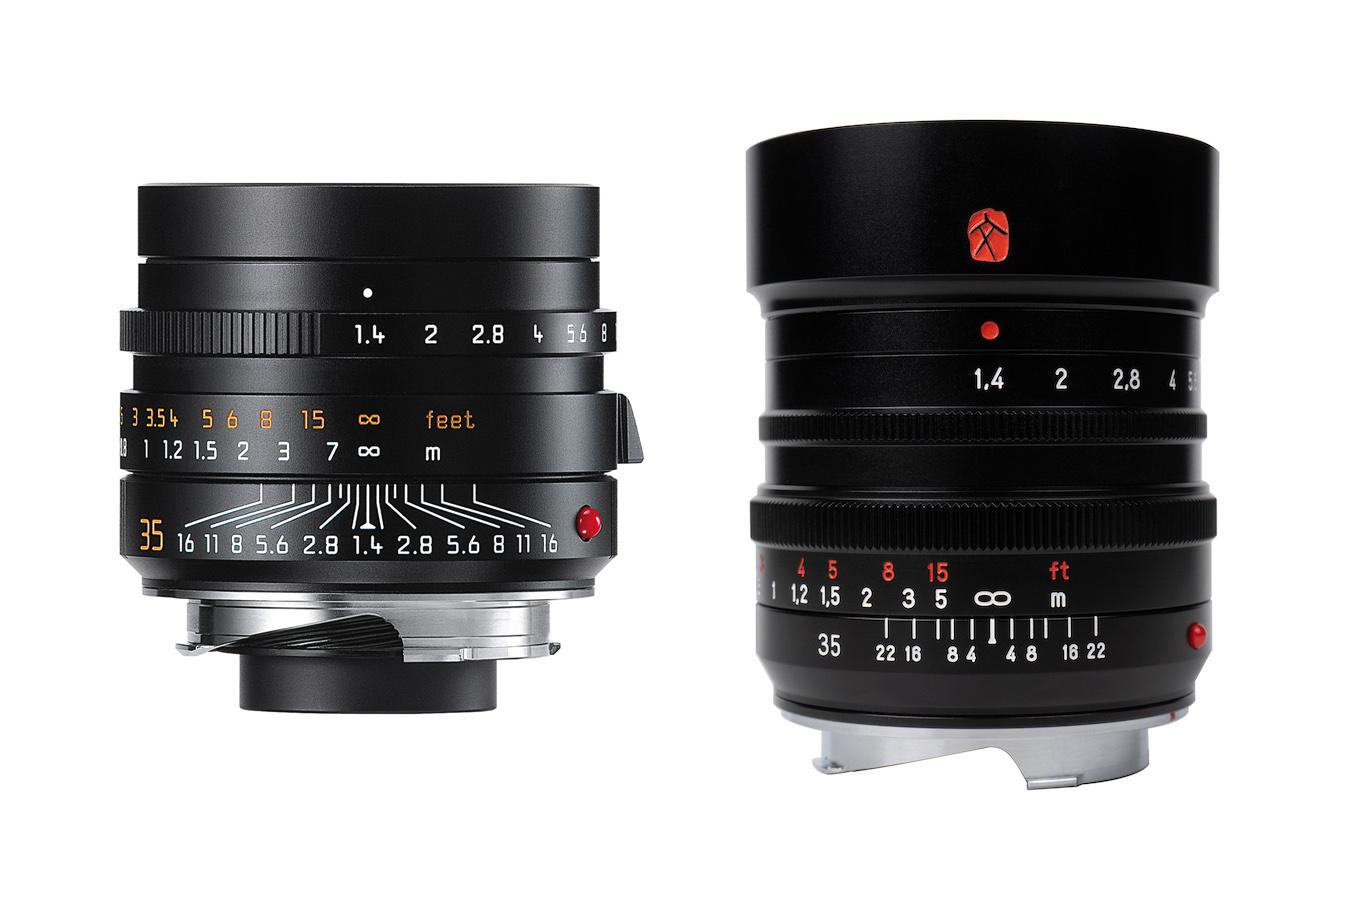 Đố bạn biết ảnh nào chụp từ ống kính Leica ($5895), ảnh nào từ 7Artisan ($430)? | 50mm Vietnam - Chuyên Trang Nhiếp Ảnh